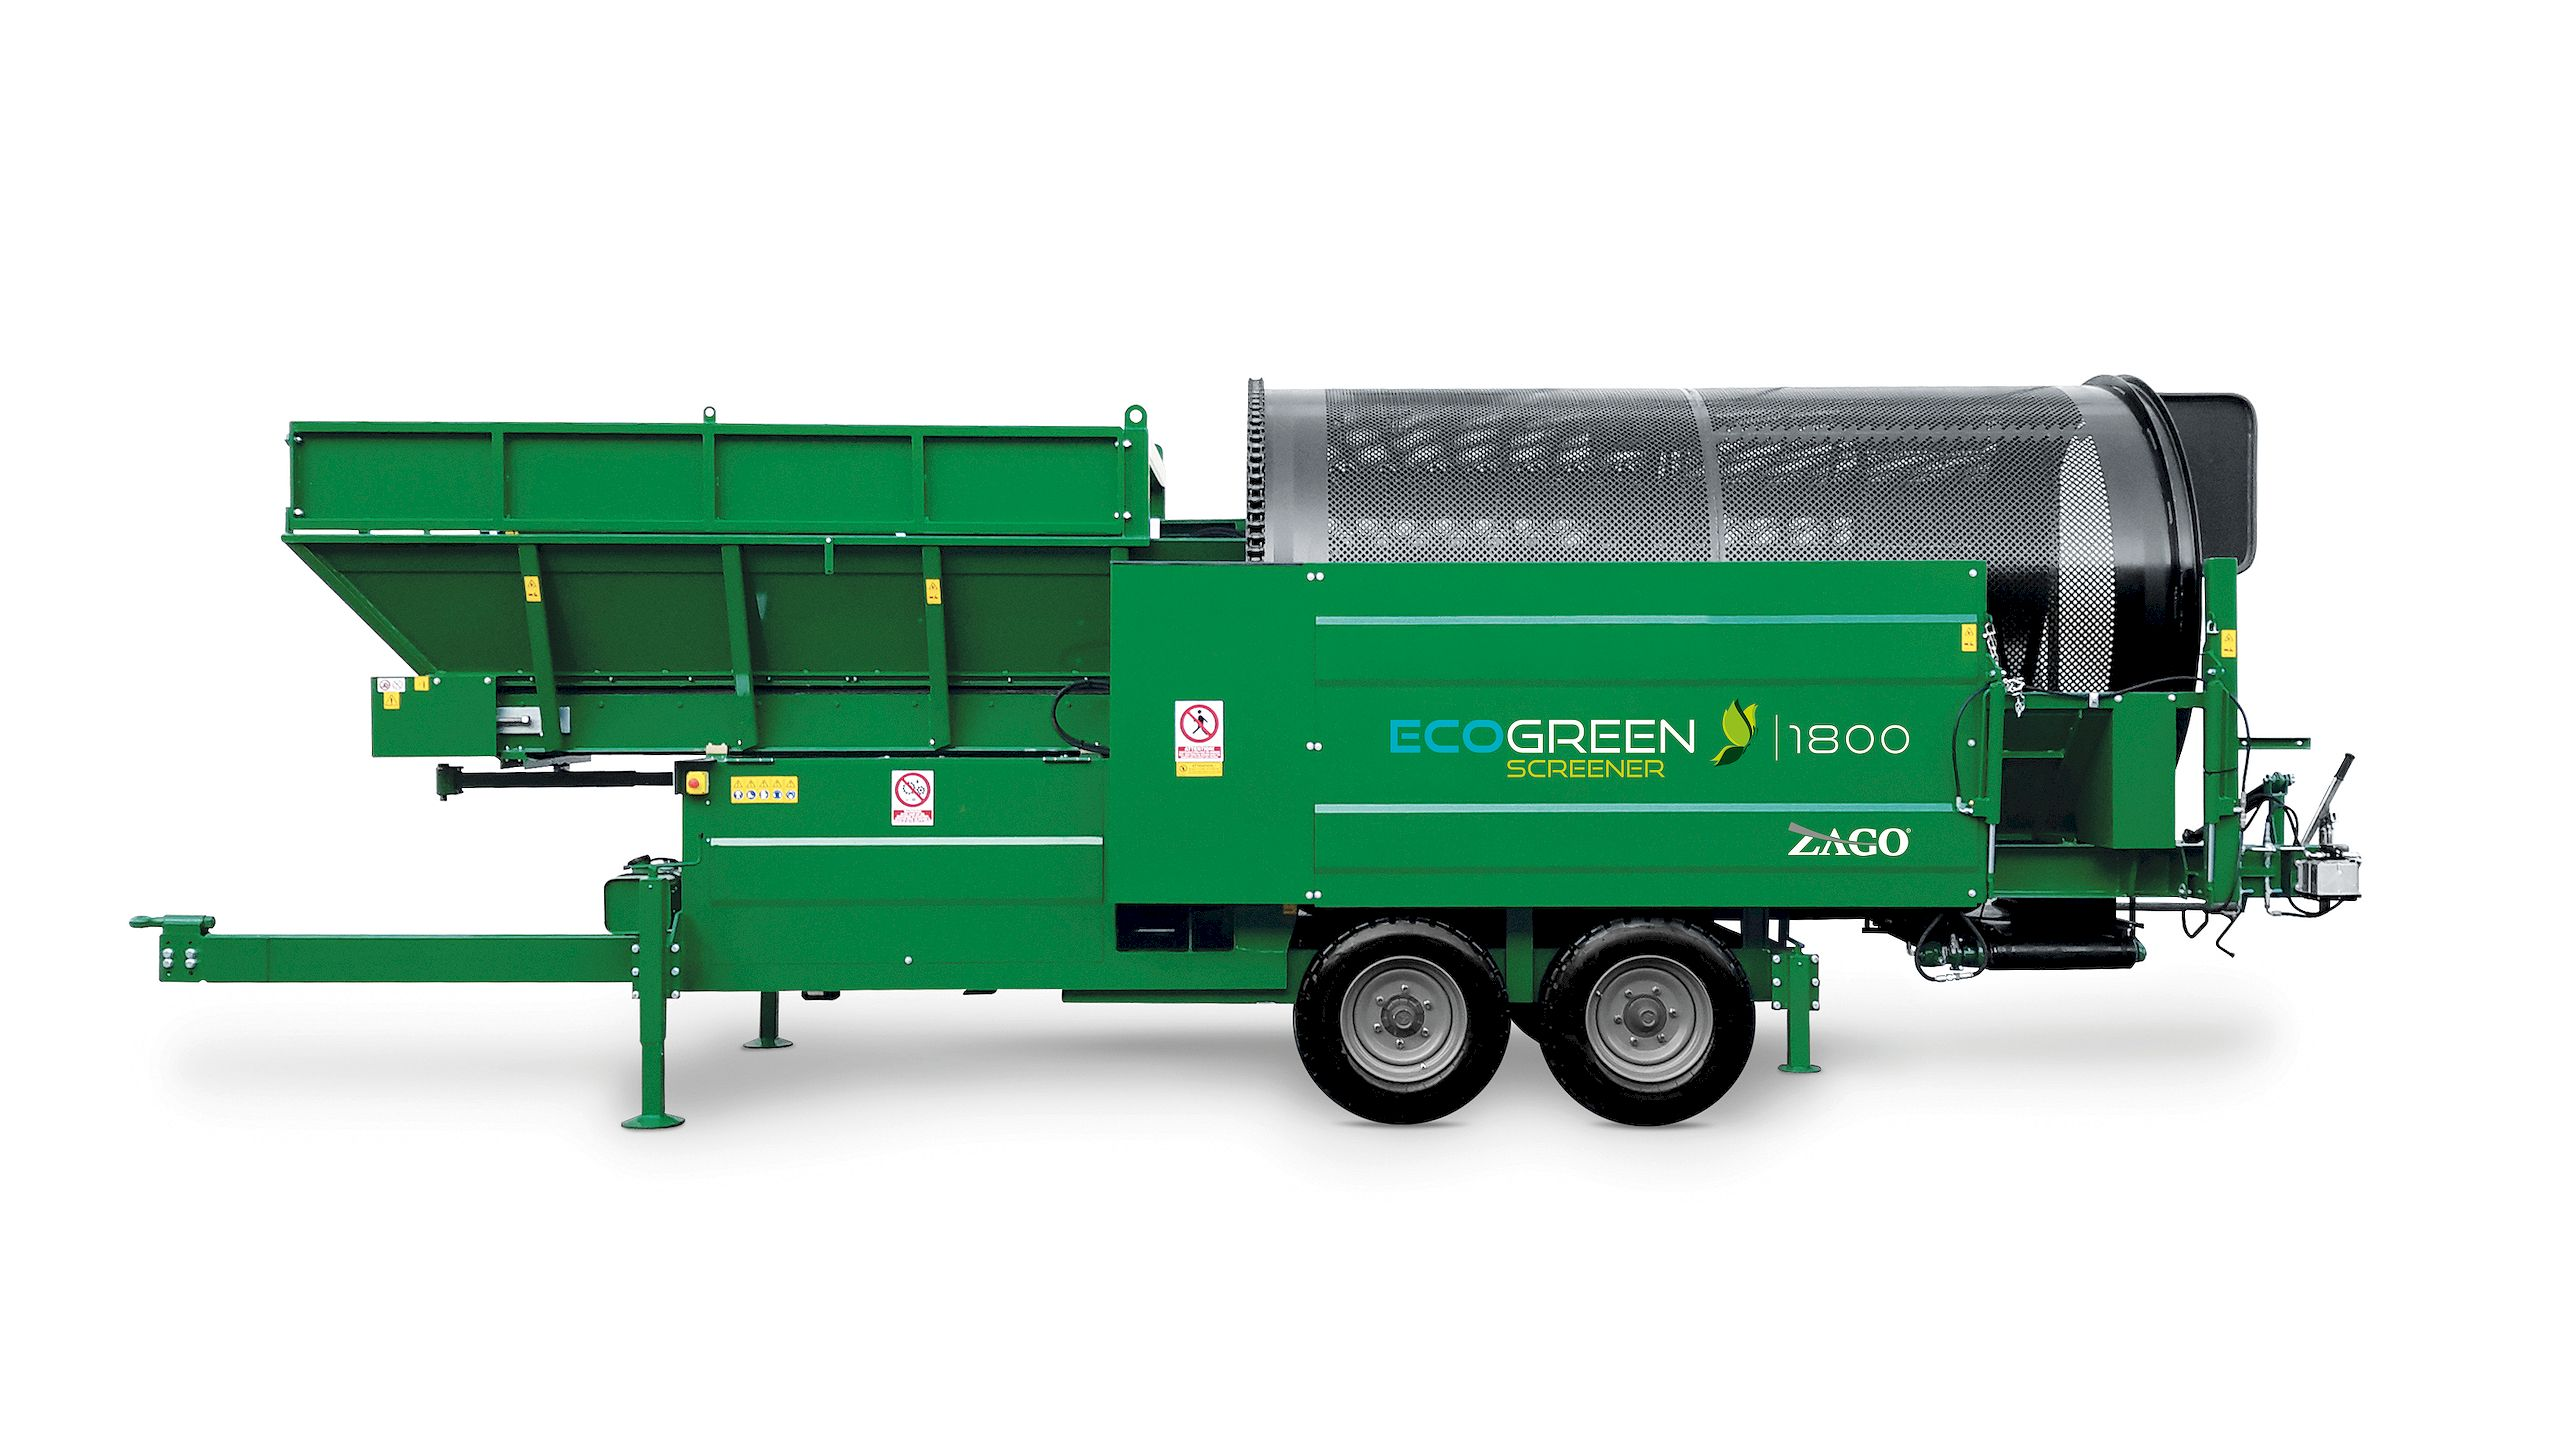 ECOGREEN_SCREENER_1800_zago_green_2021_17